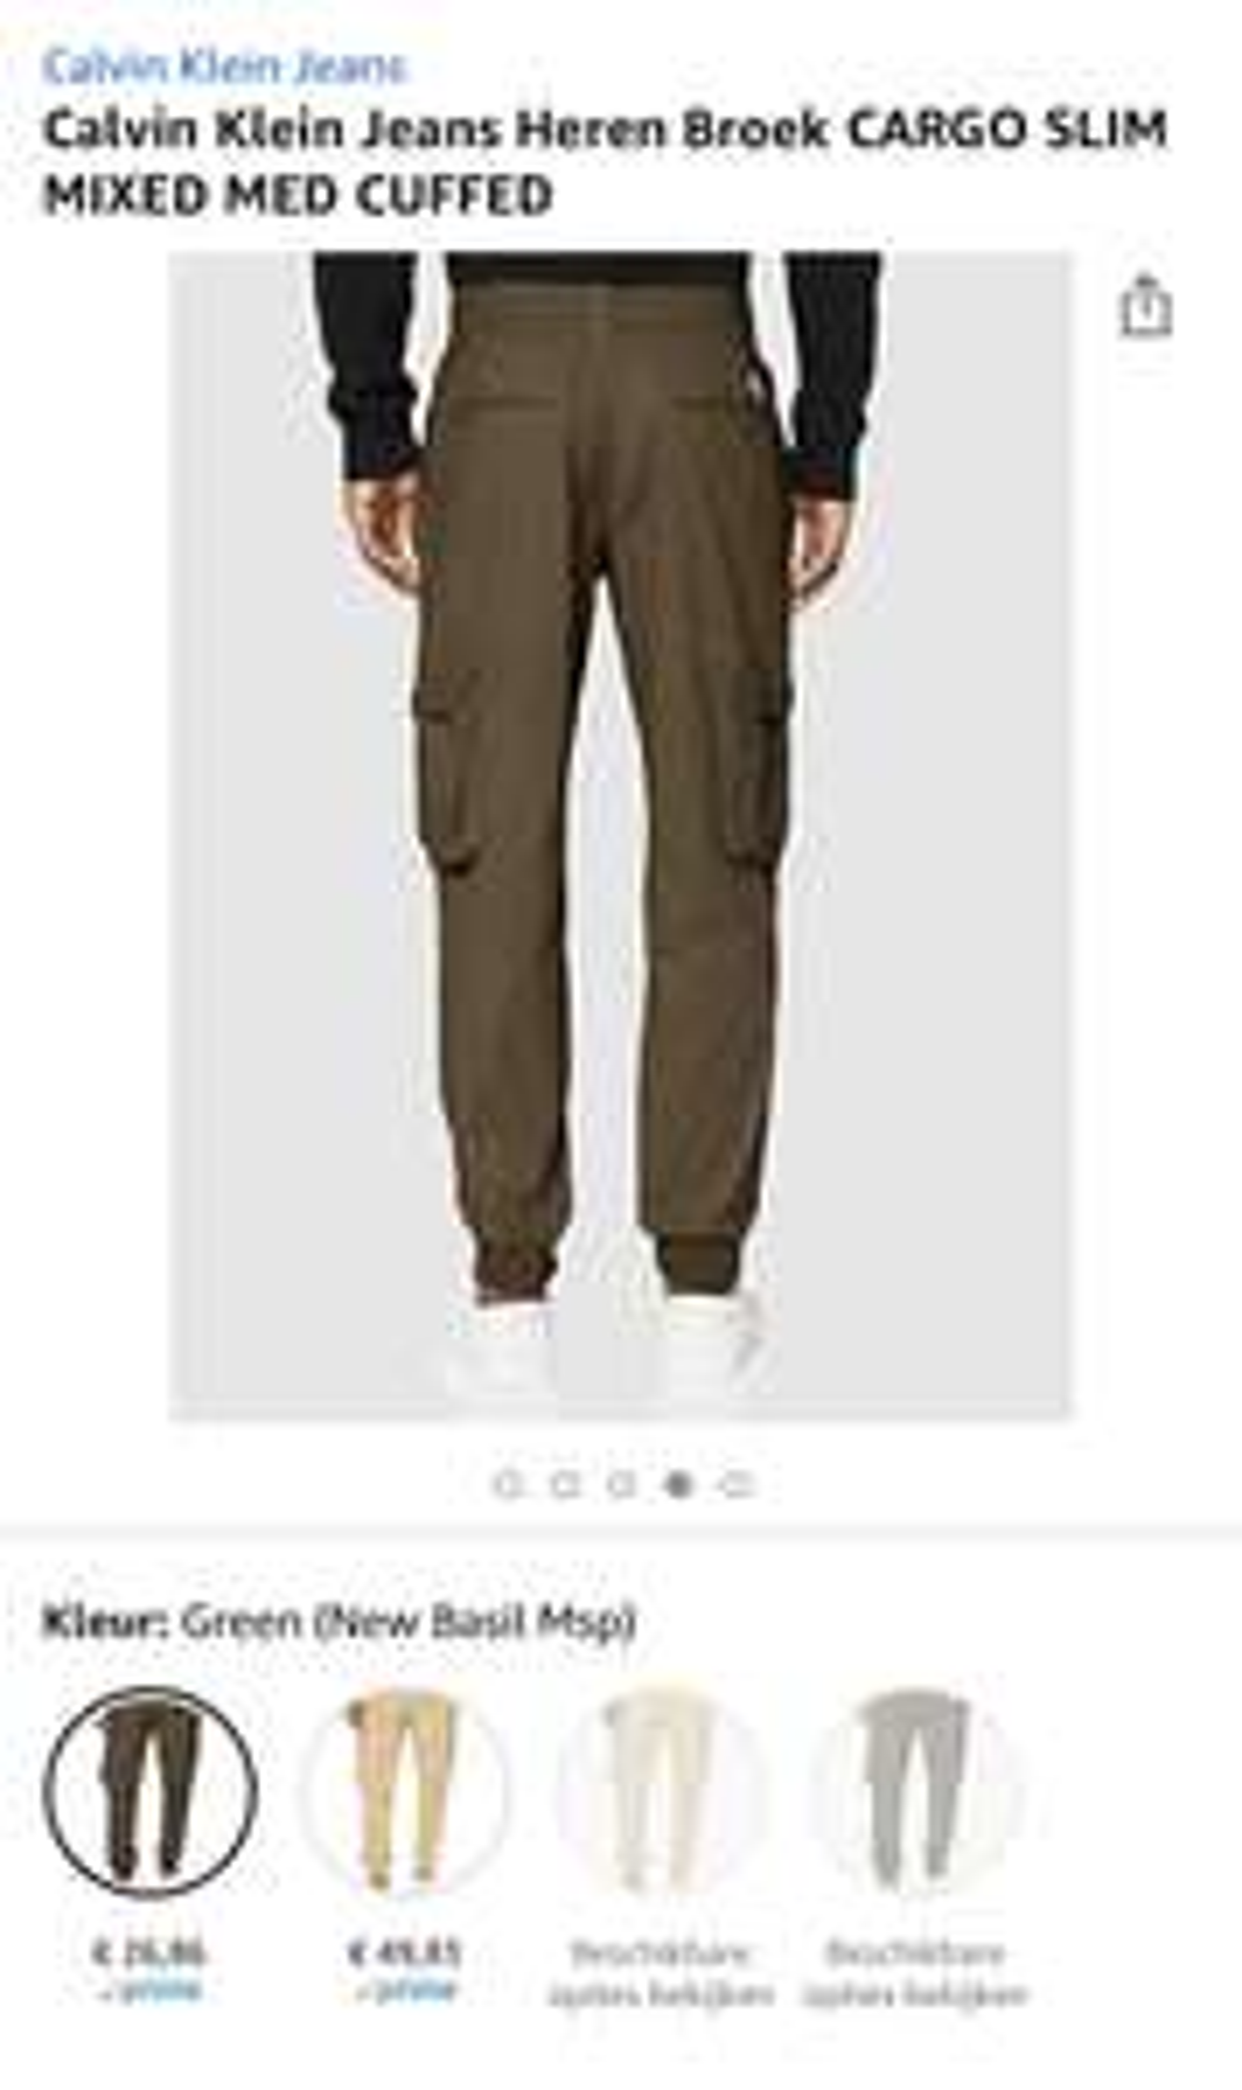 Calvin Klein Jeans Heren Broek you vanaf €26,86